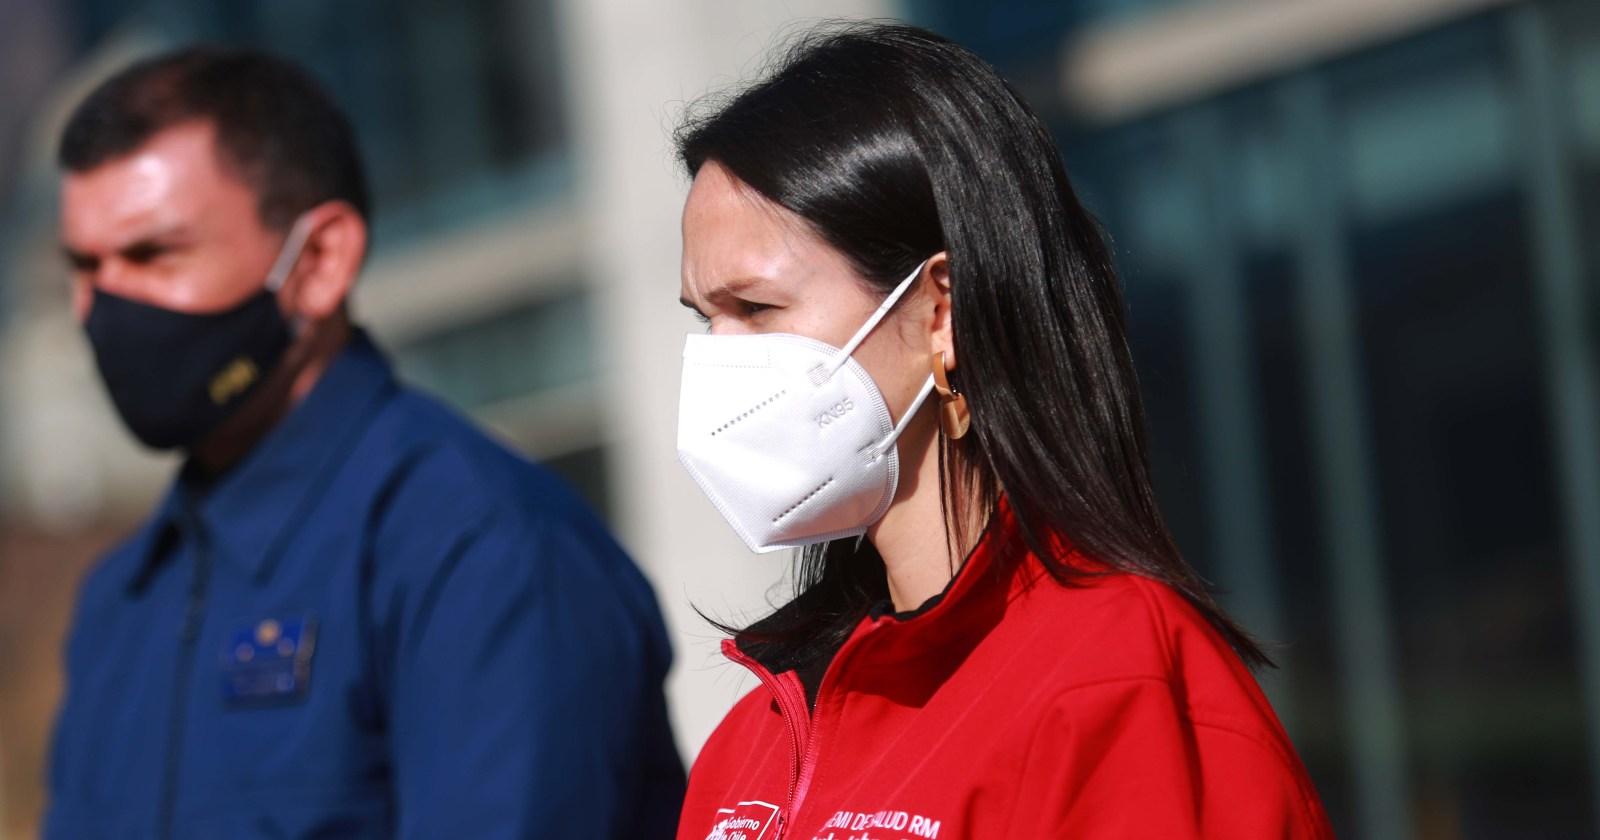 Minsal logra revertir renuncia de Paula Labra como seremi de Salud